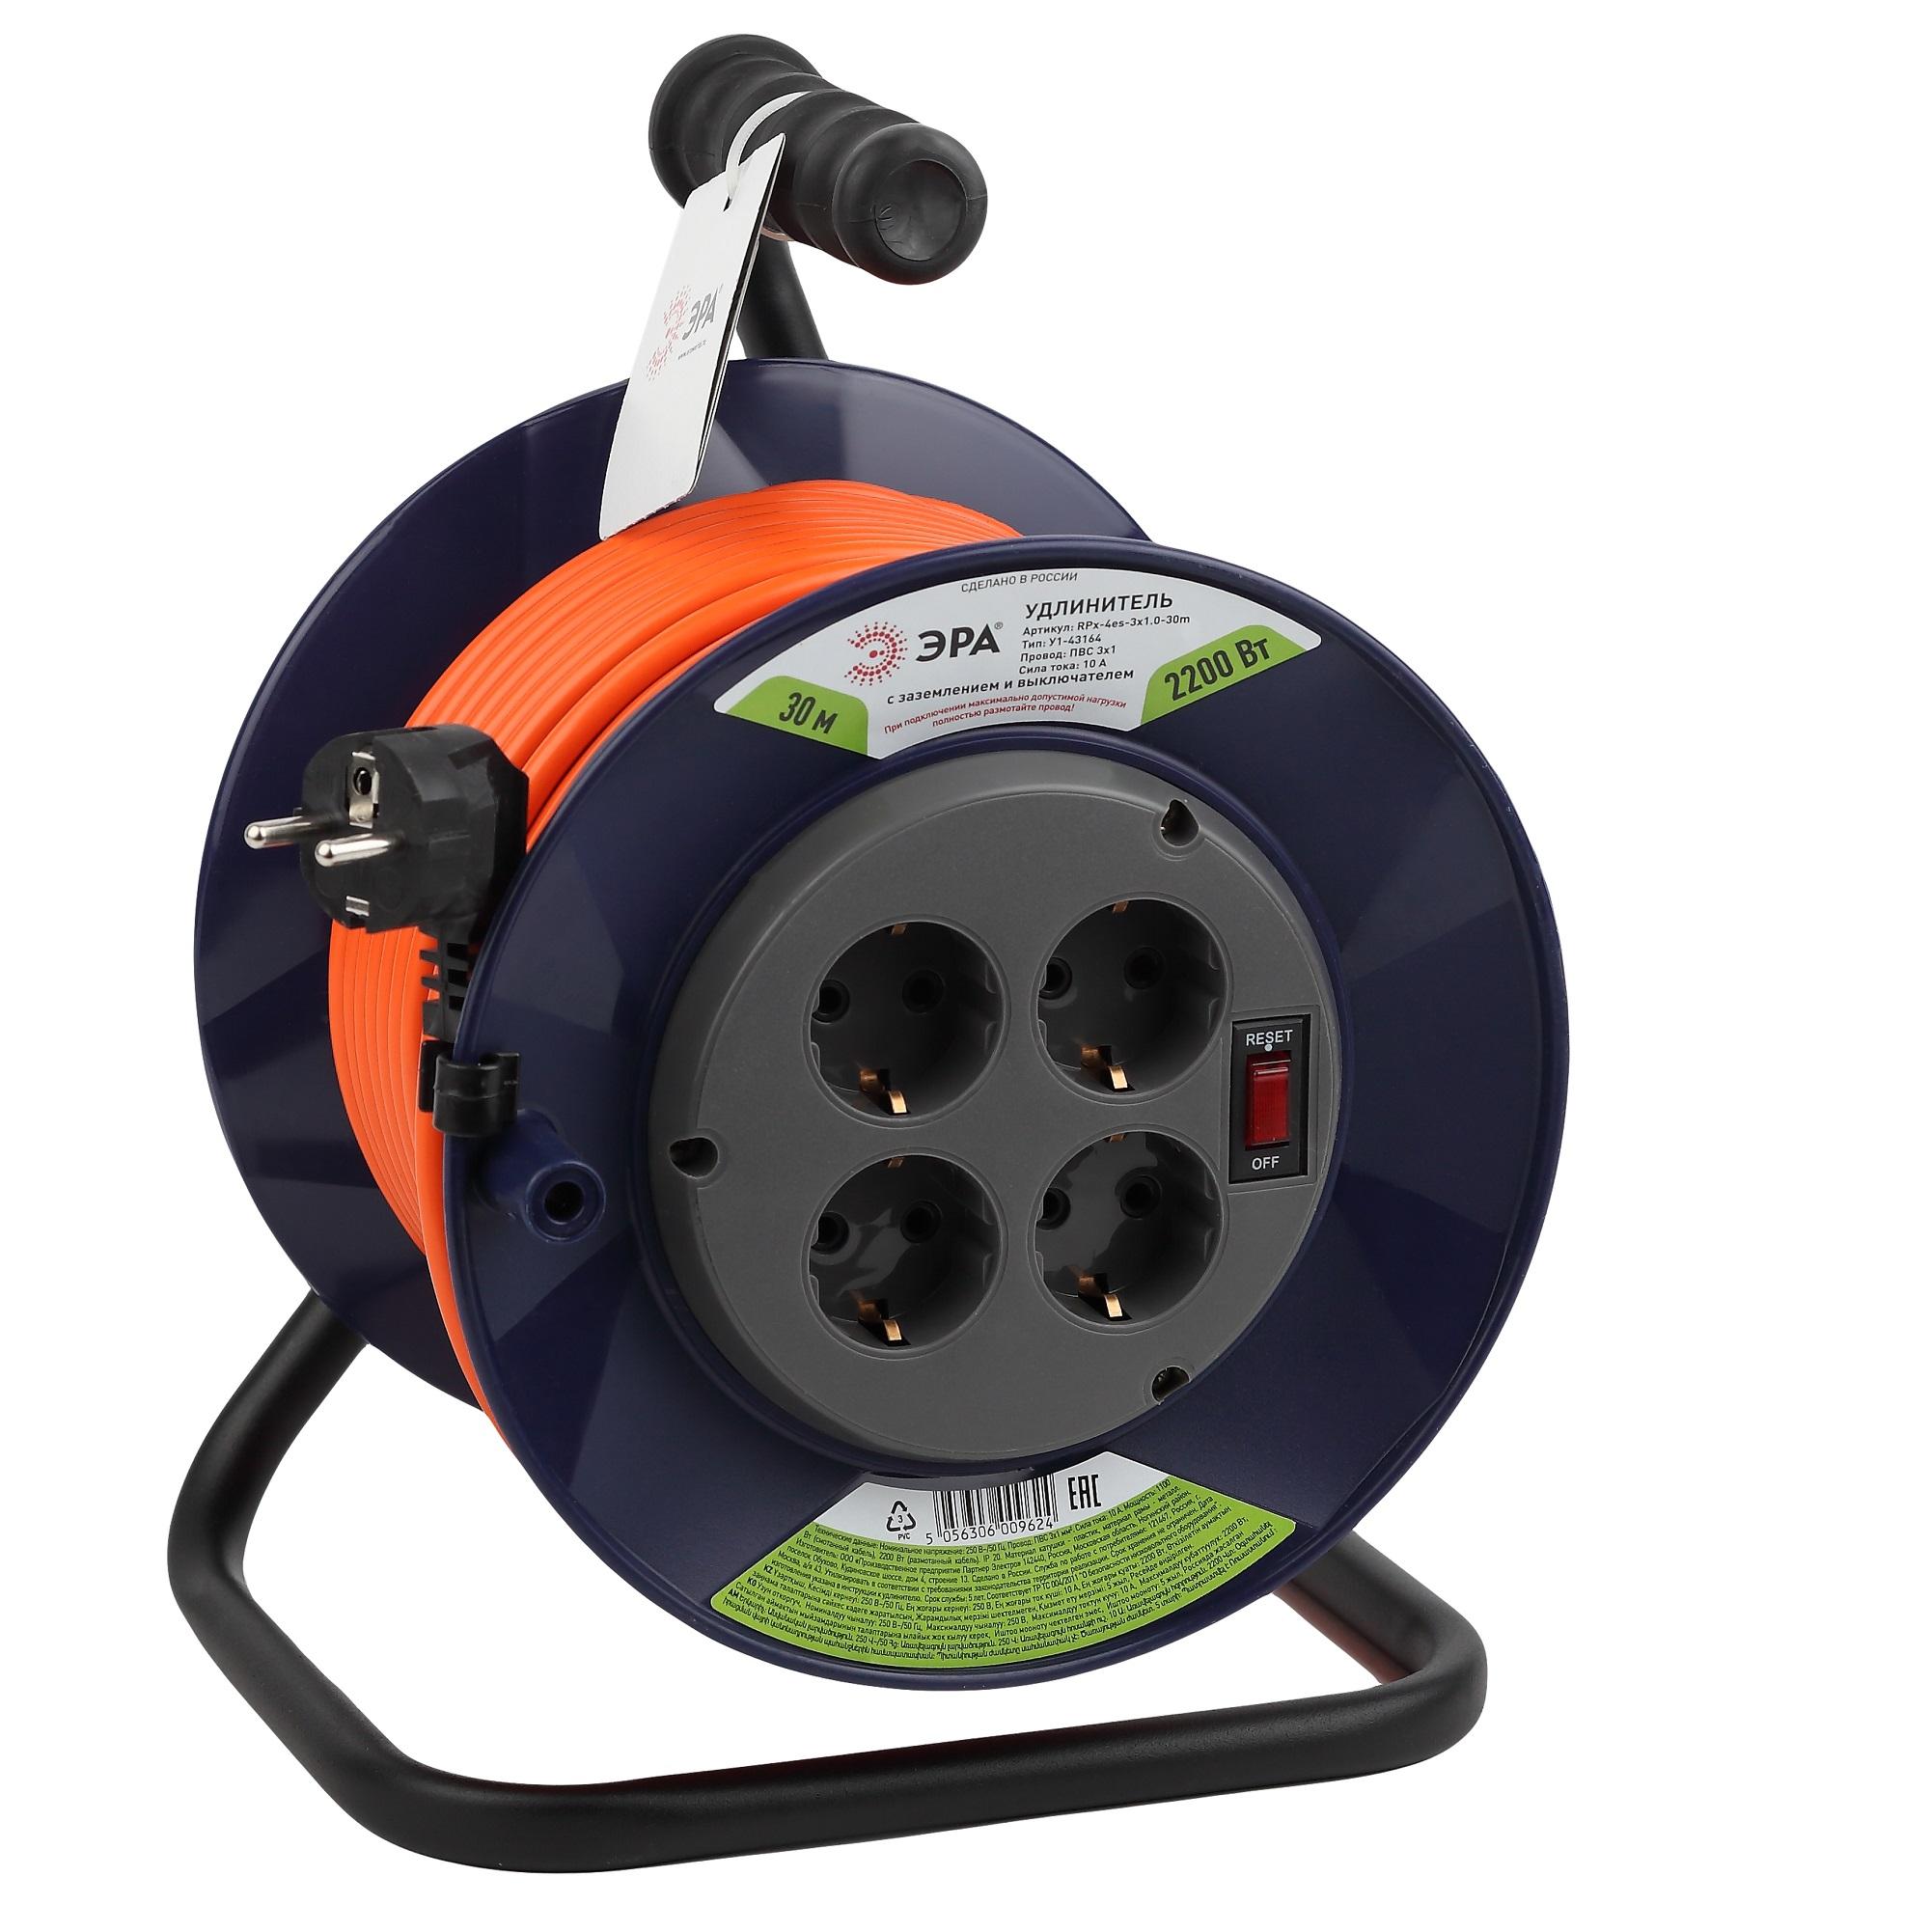 Удлинитель силовой ЭРА RPx-4es-3х1.0-30m на п. катушке c/з 4 гн 30м ПВС 3х1 удлинитель эра силовой rpx 4es 3x0 75 30m б0043052